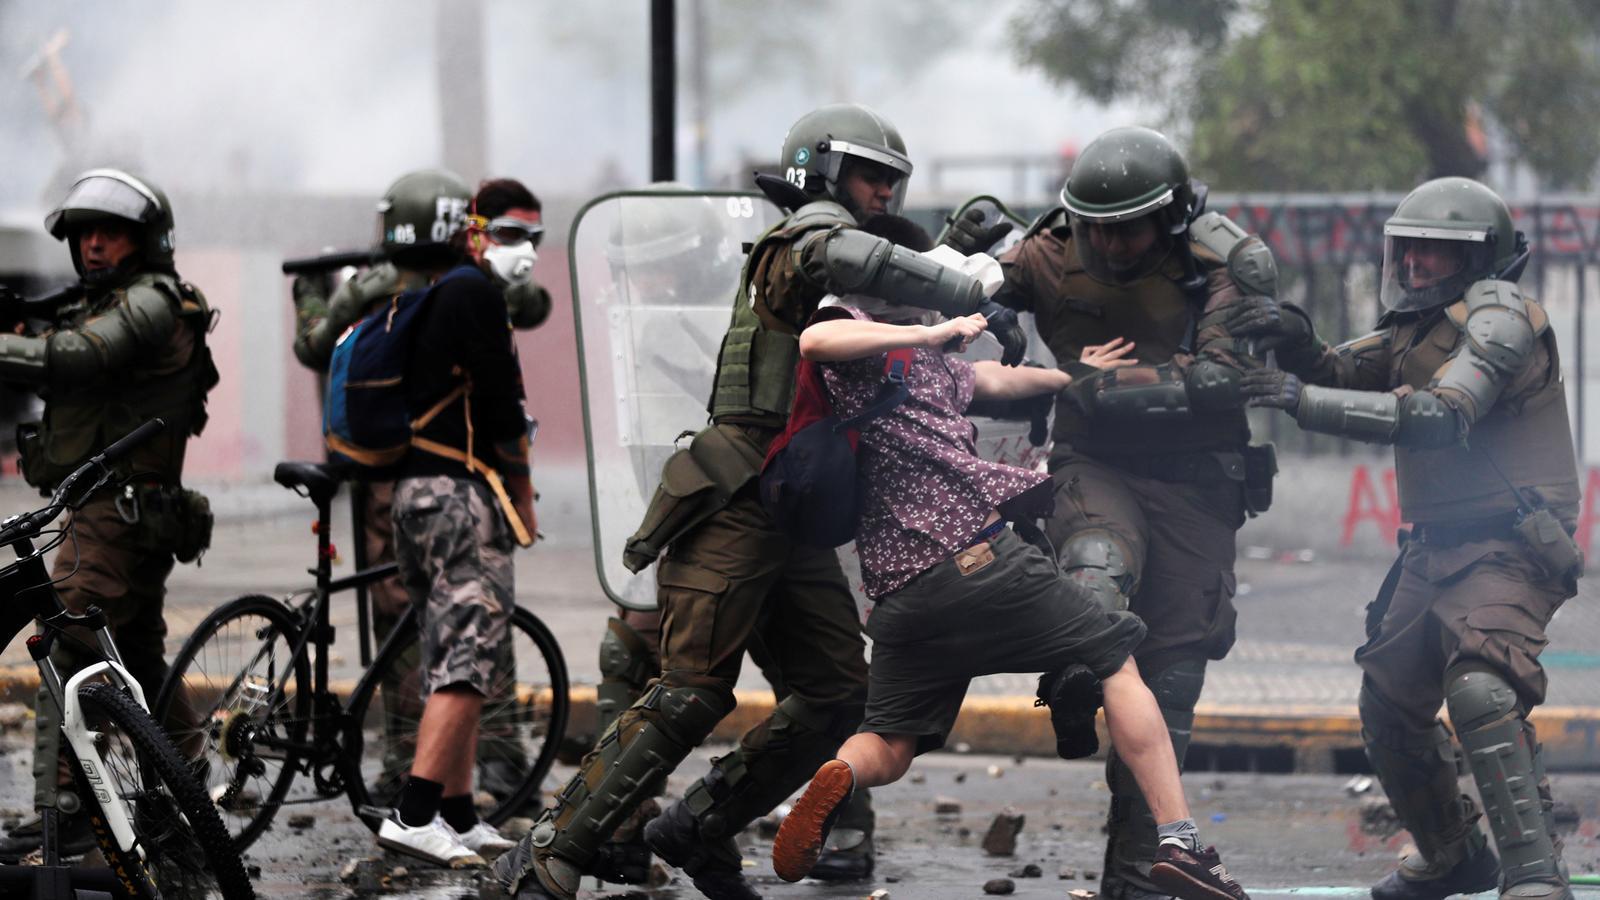 Els manifestants detinguts a Xile criden el seu nom per por a desaparèixer